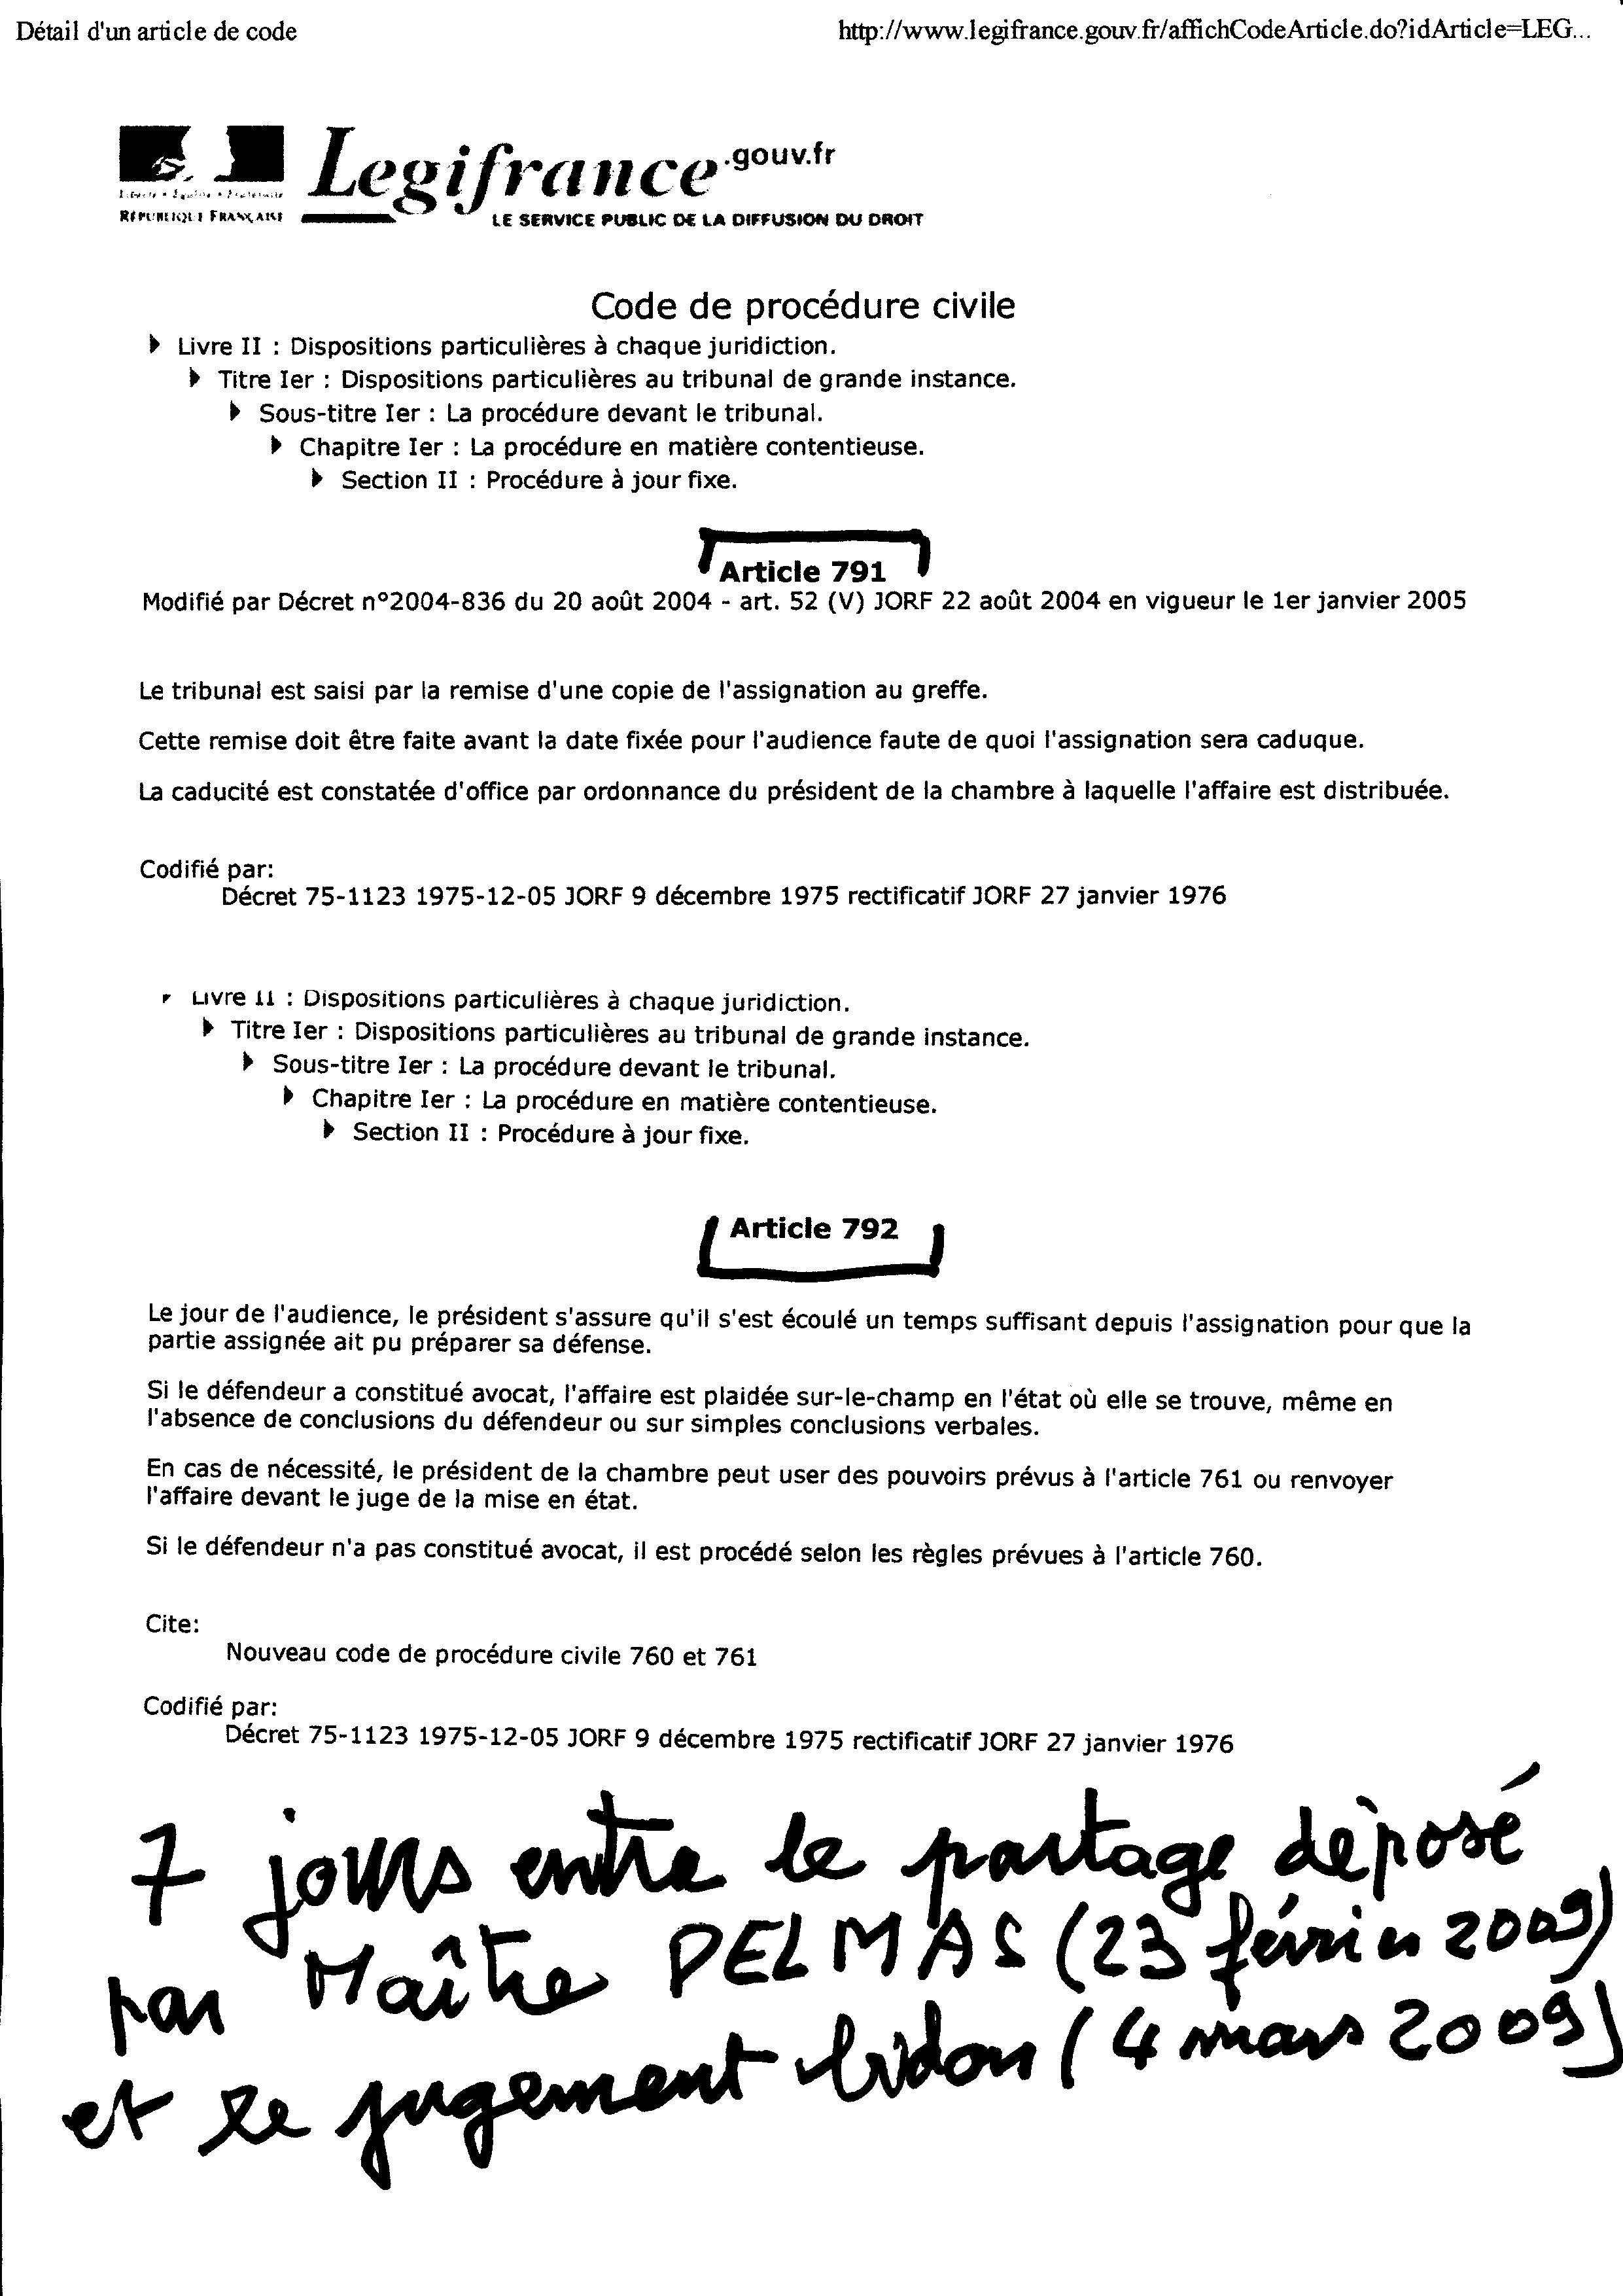 Baudin et pascal succession dr me - Chambre des notaires drome ...